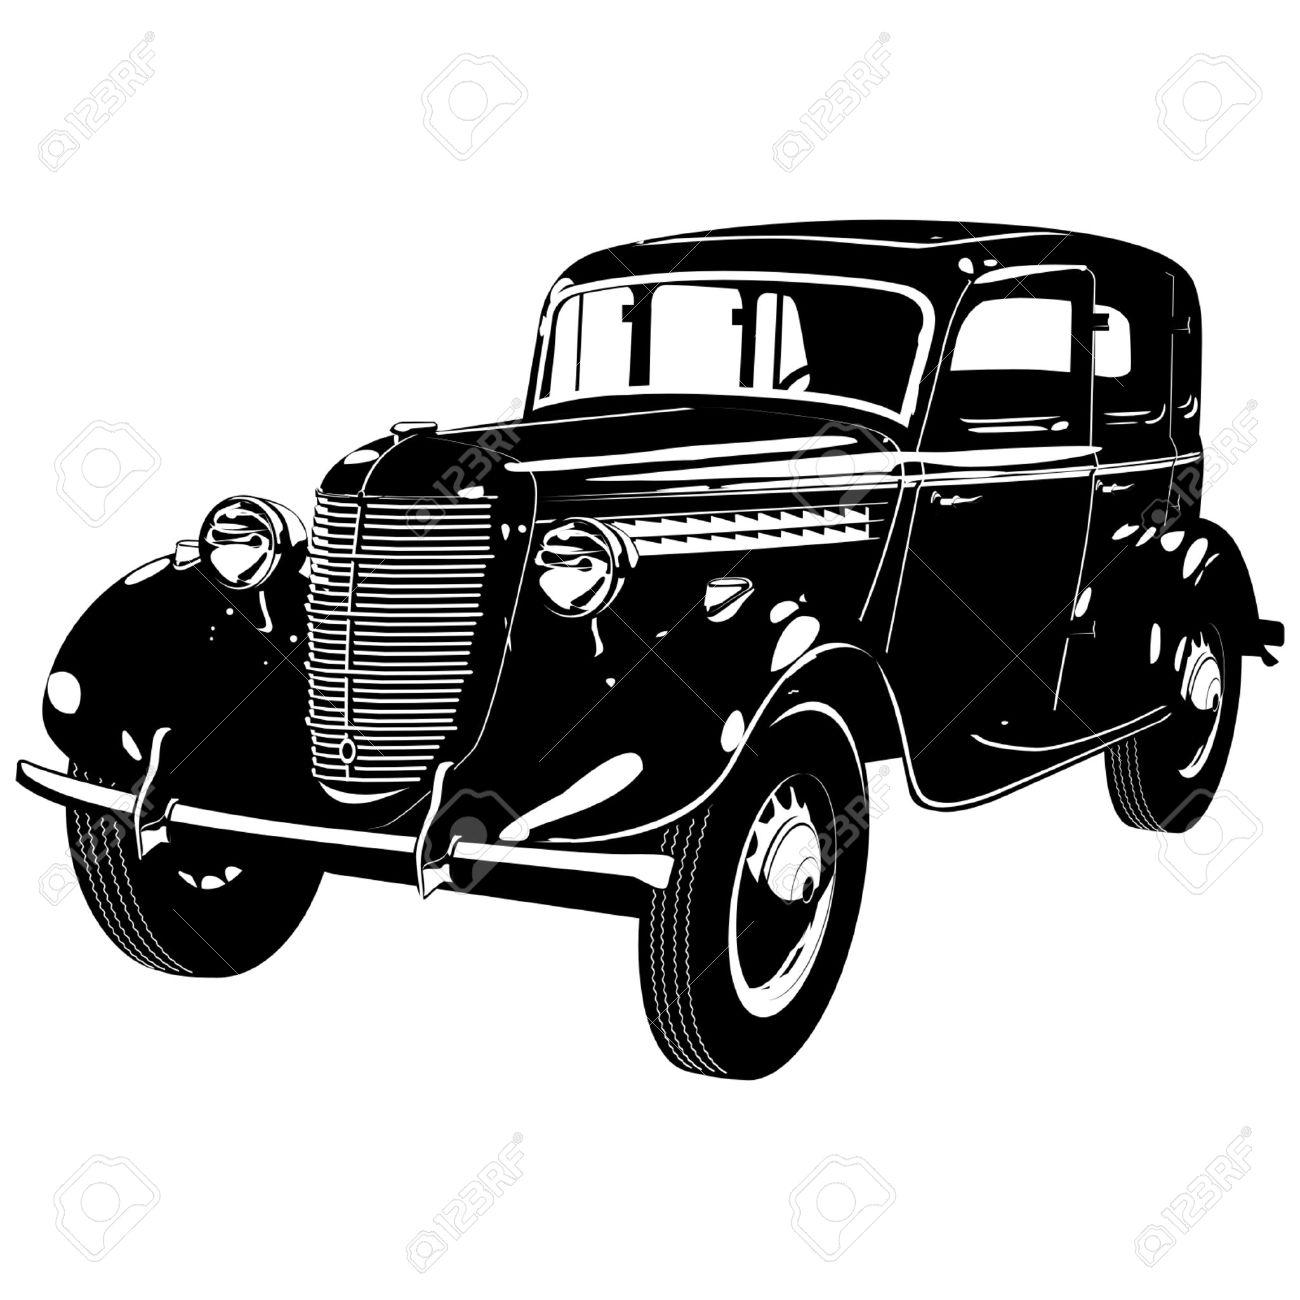 レトロな車のベクトル シルエット ロイヤリティフリークリップアート